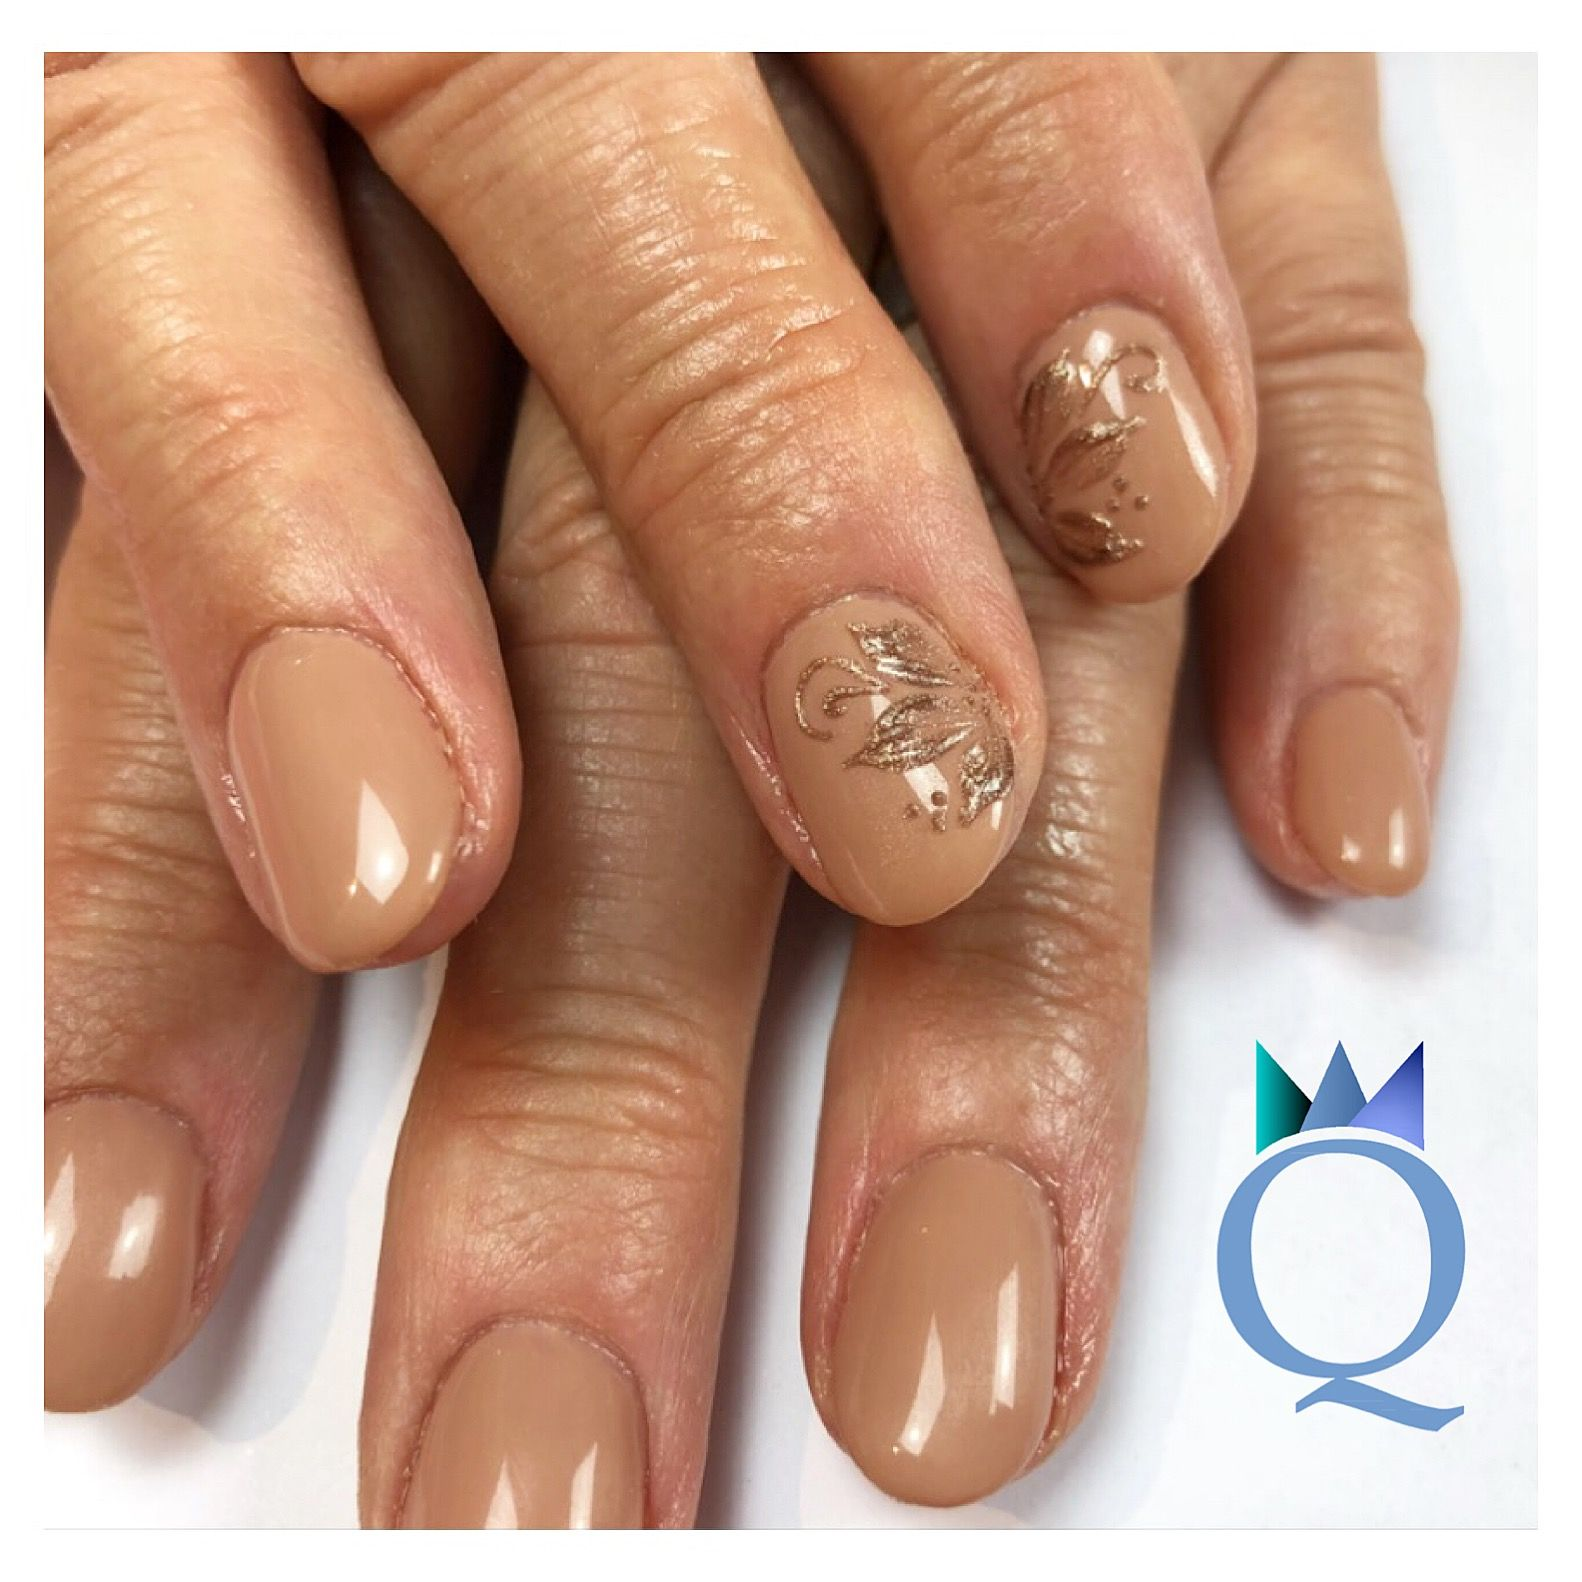 Blickfang Nageldesign Braun Beige Dekoration Von #gelnails #nails #nailart #naildesign #handpainted #gelnägel #nägel